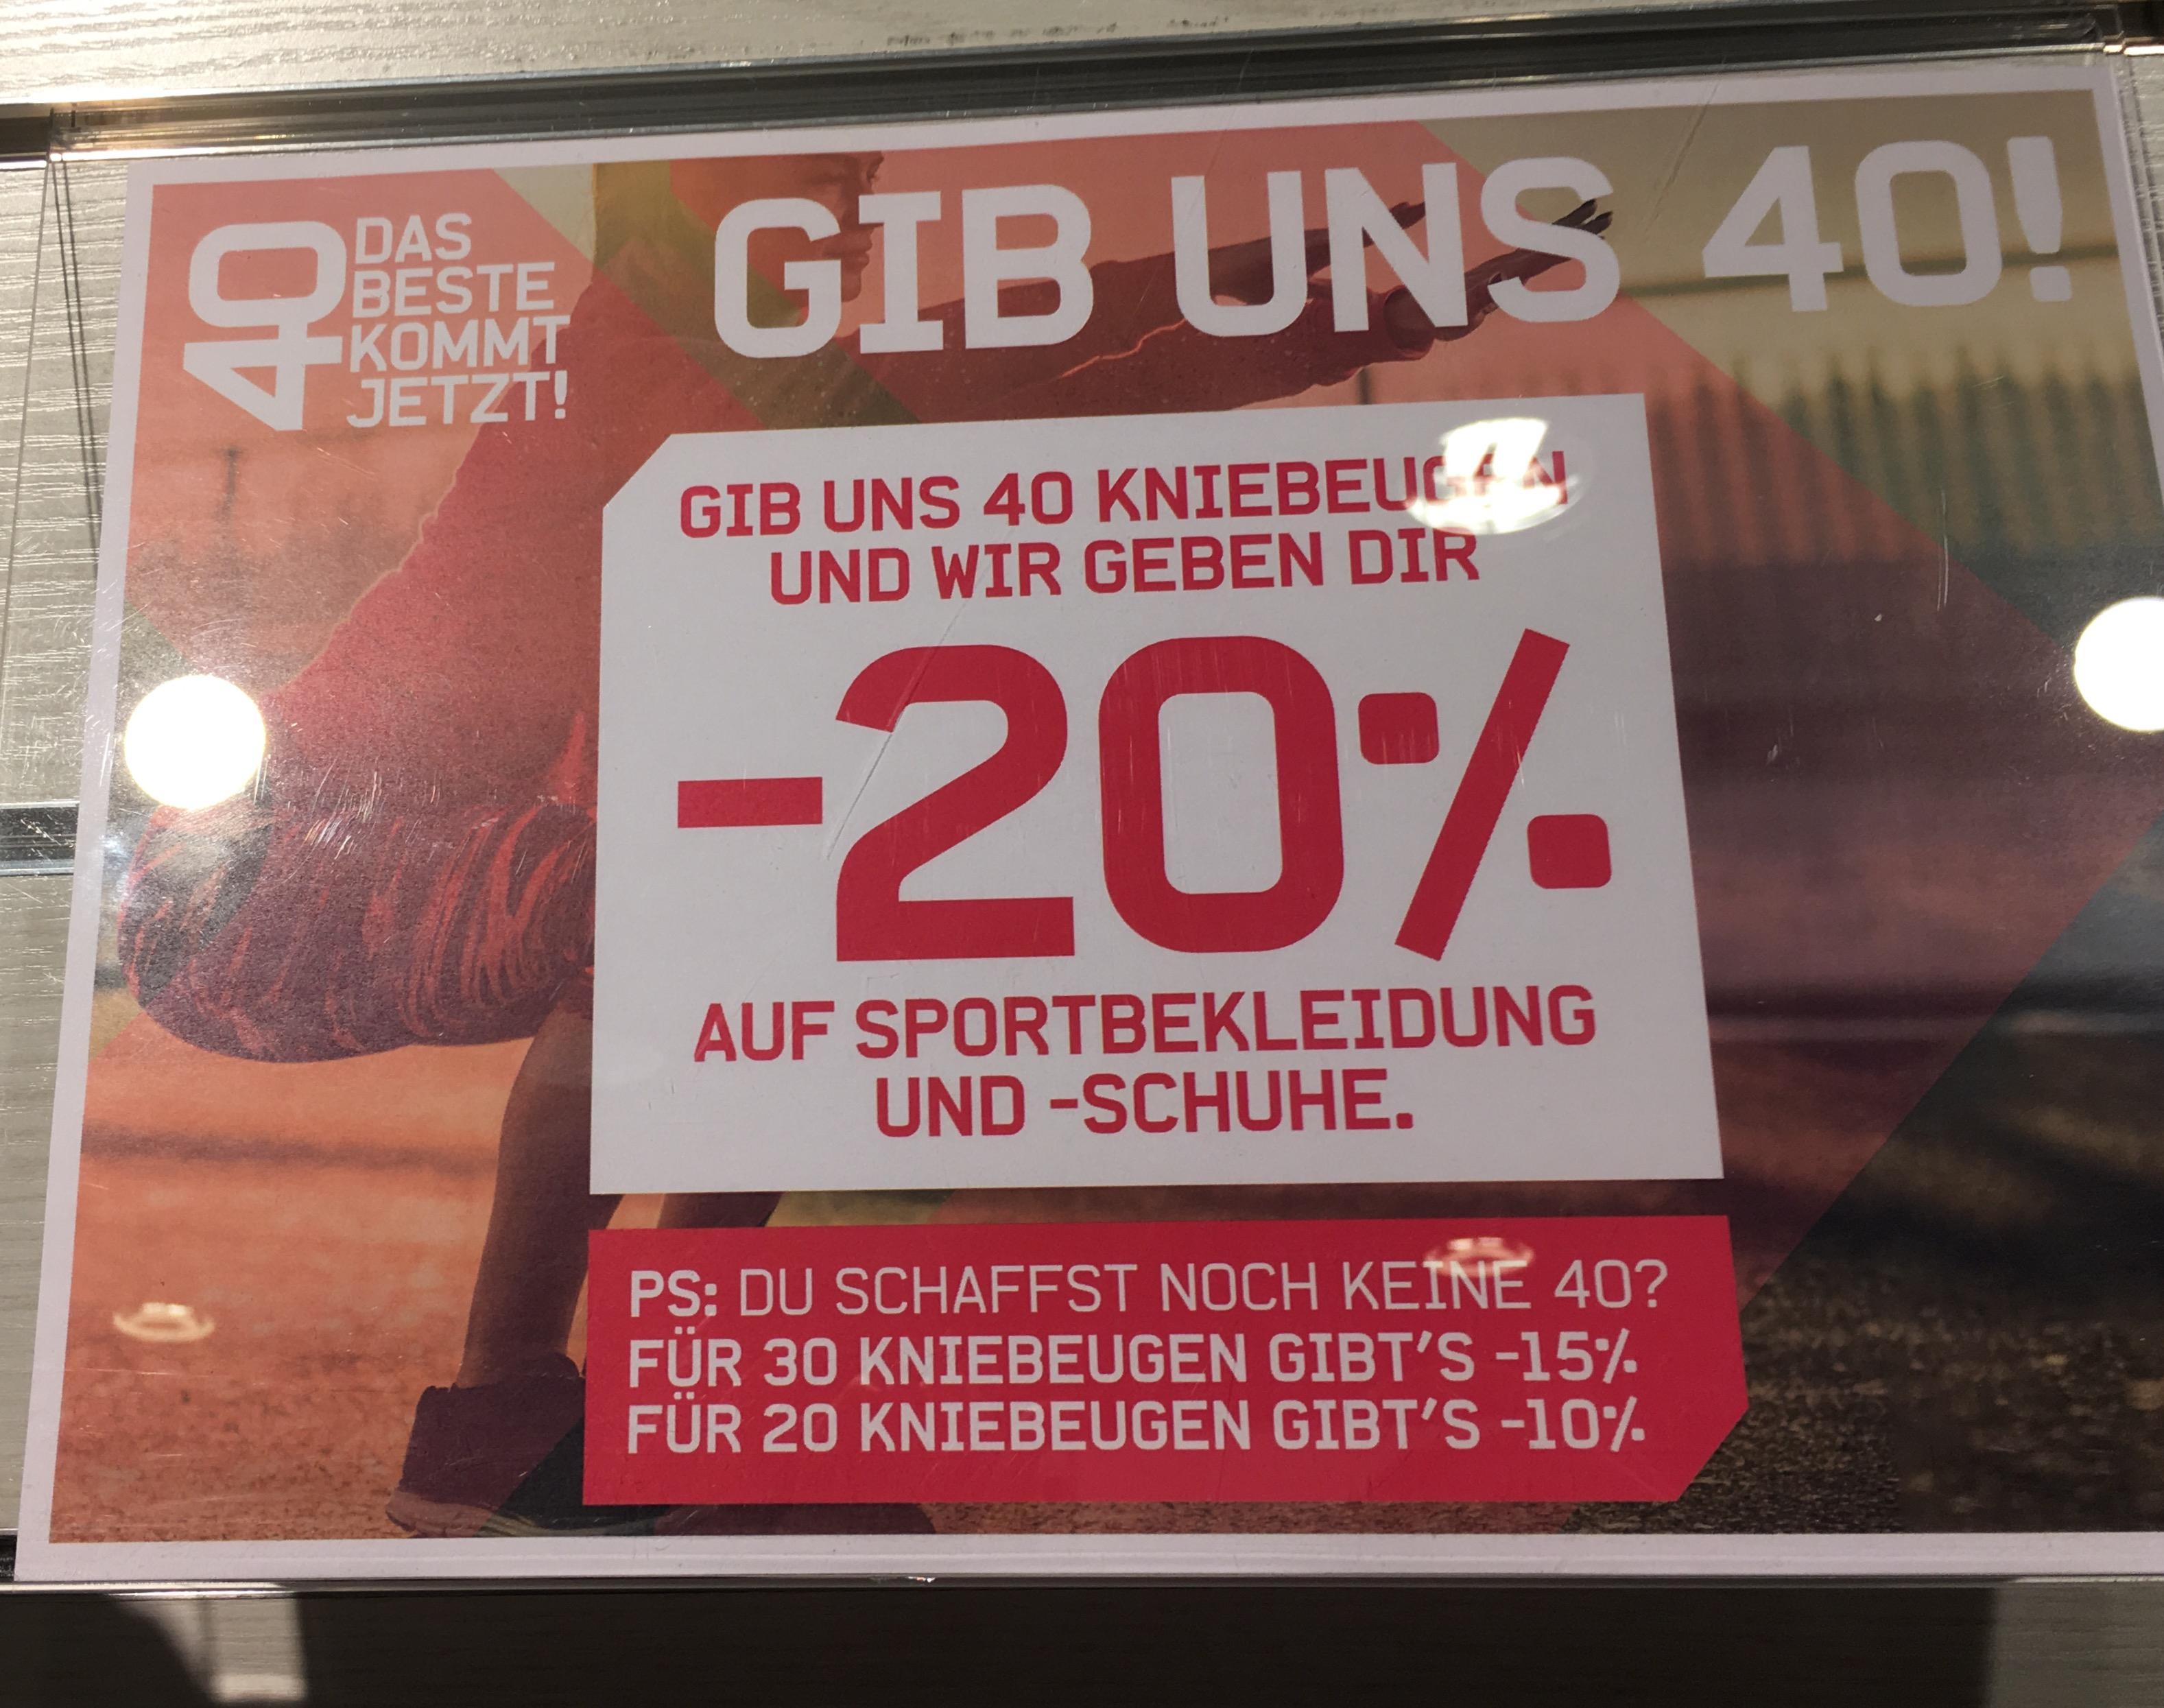 20% für 40 Kniebeugen bei Karstadt-Sport auf Schuhe und Sportbekleidung